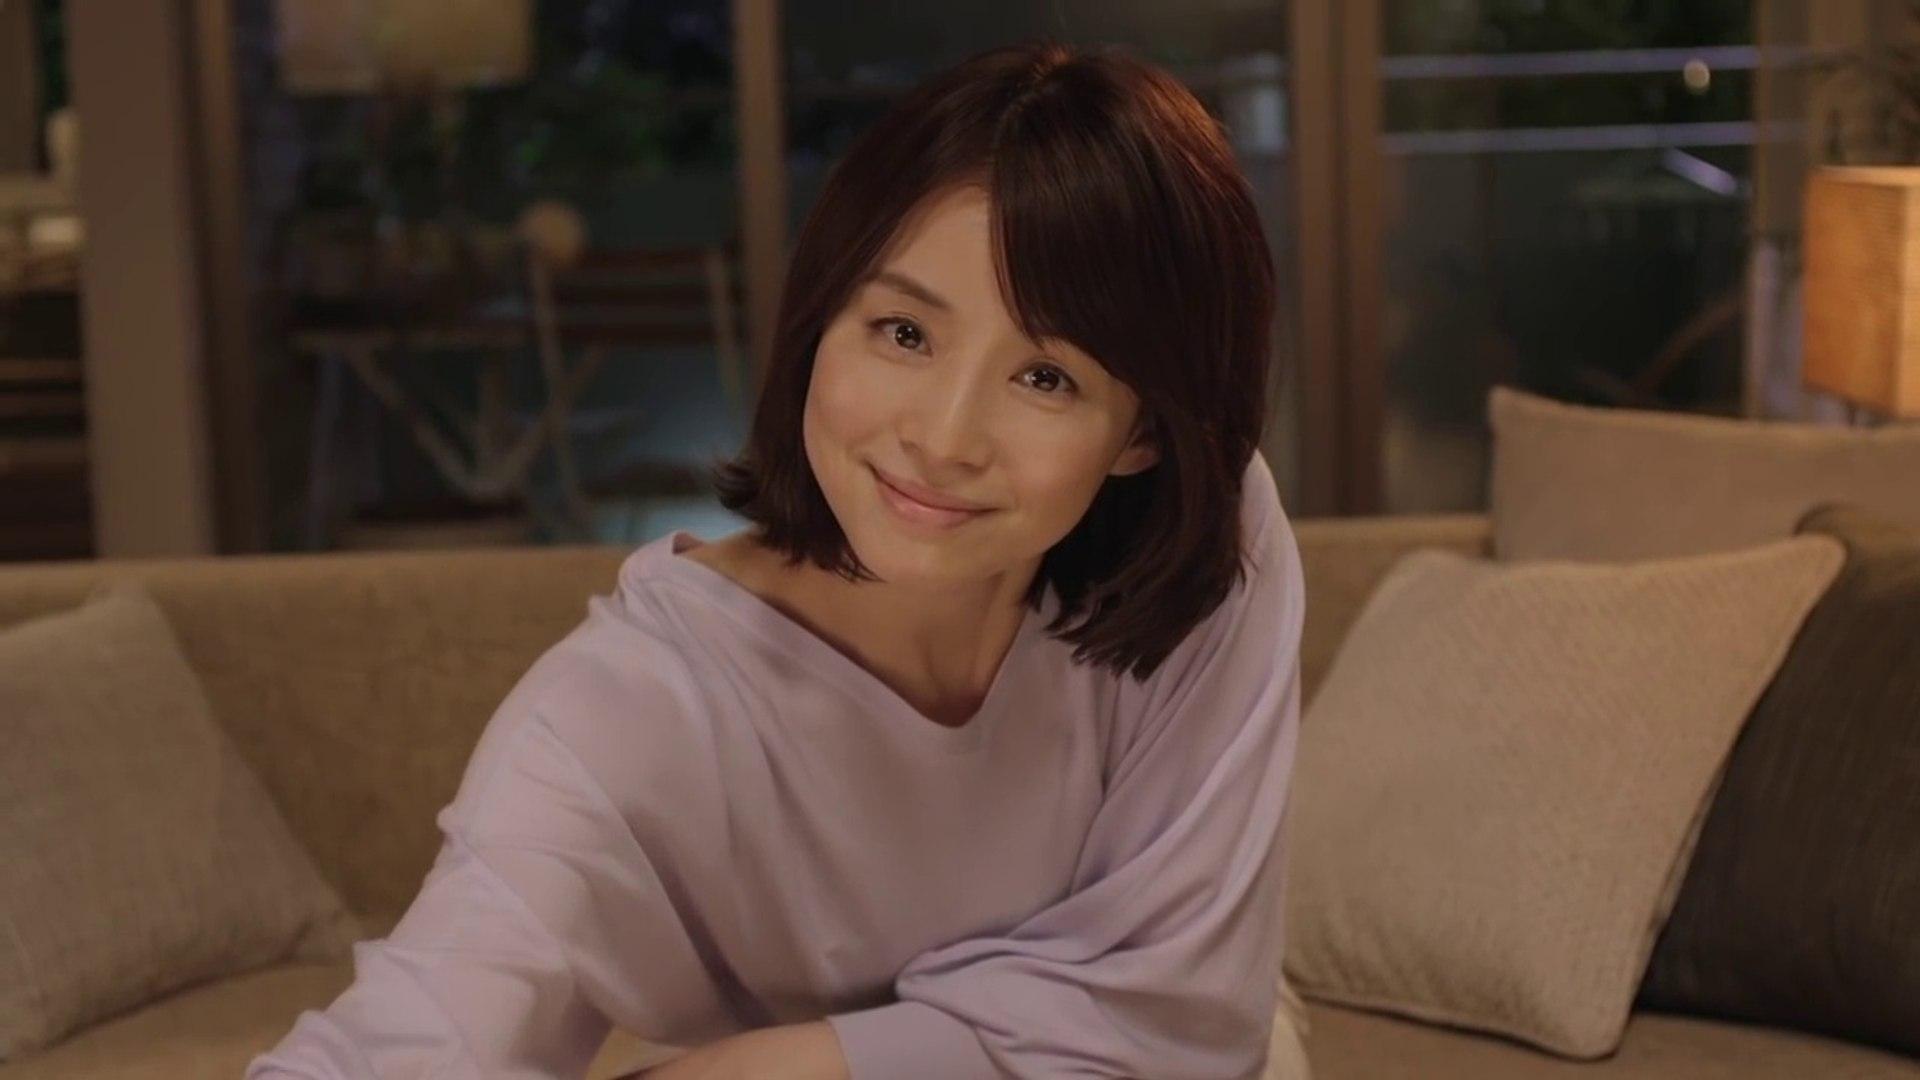 石田ゆり子 Cm キリンチューハイ ビターズ あなたの顔 篇 25秒